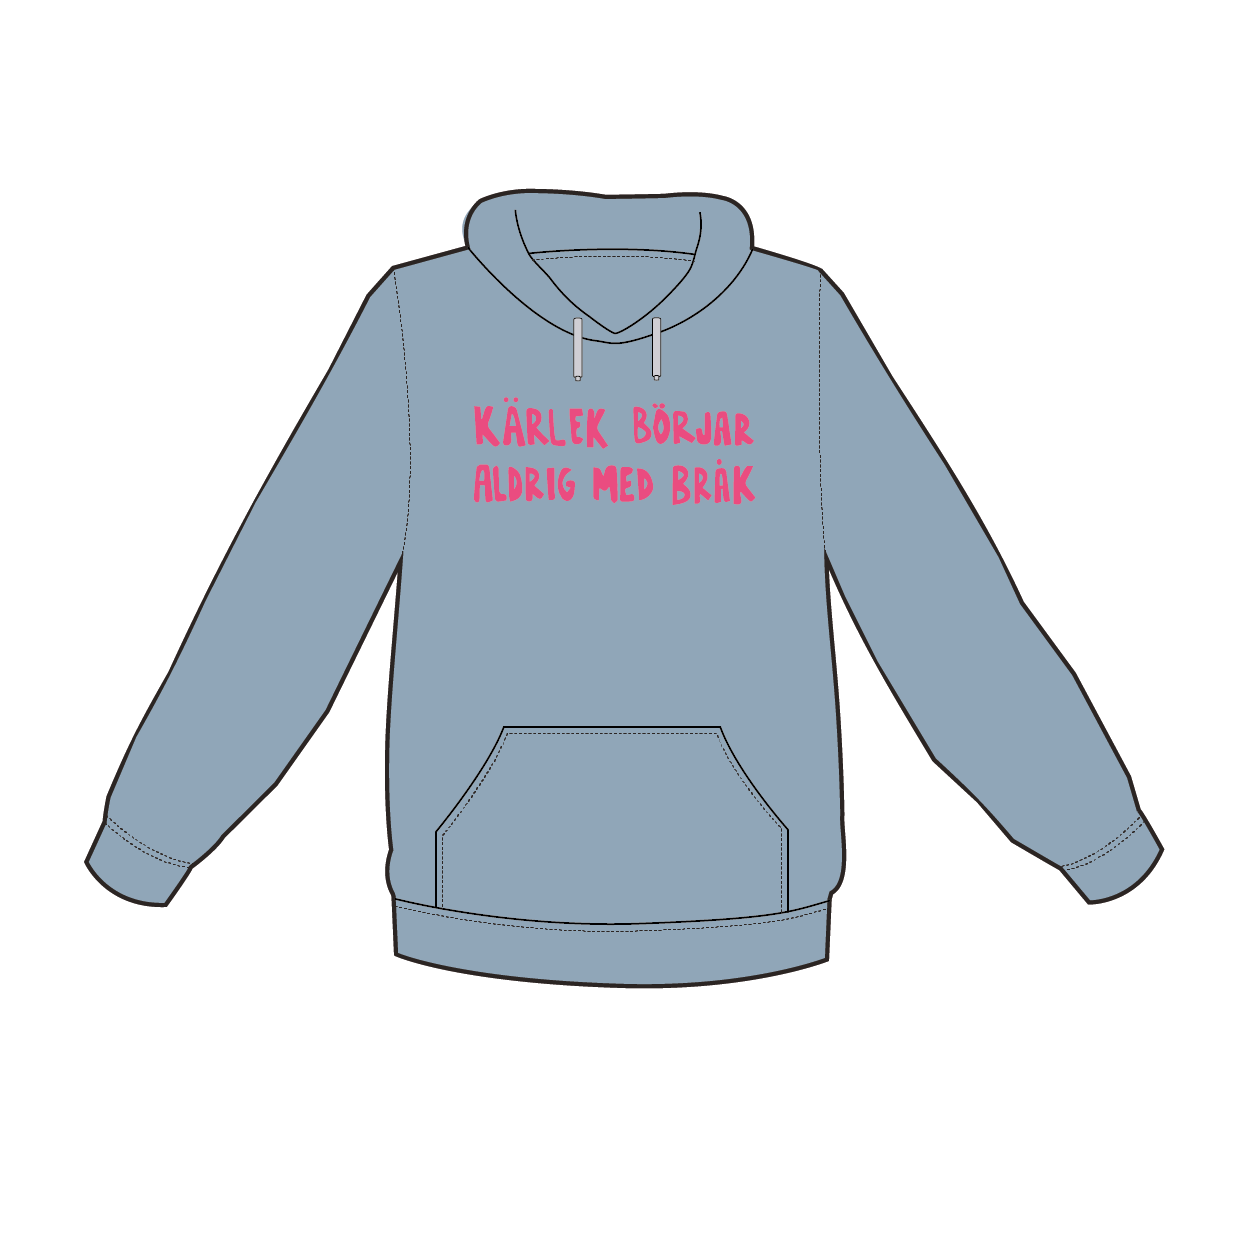 Blå hoodie i barnstorlek - Kärlek börjar aldrig med bråk